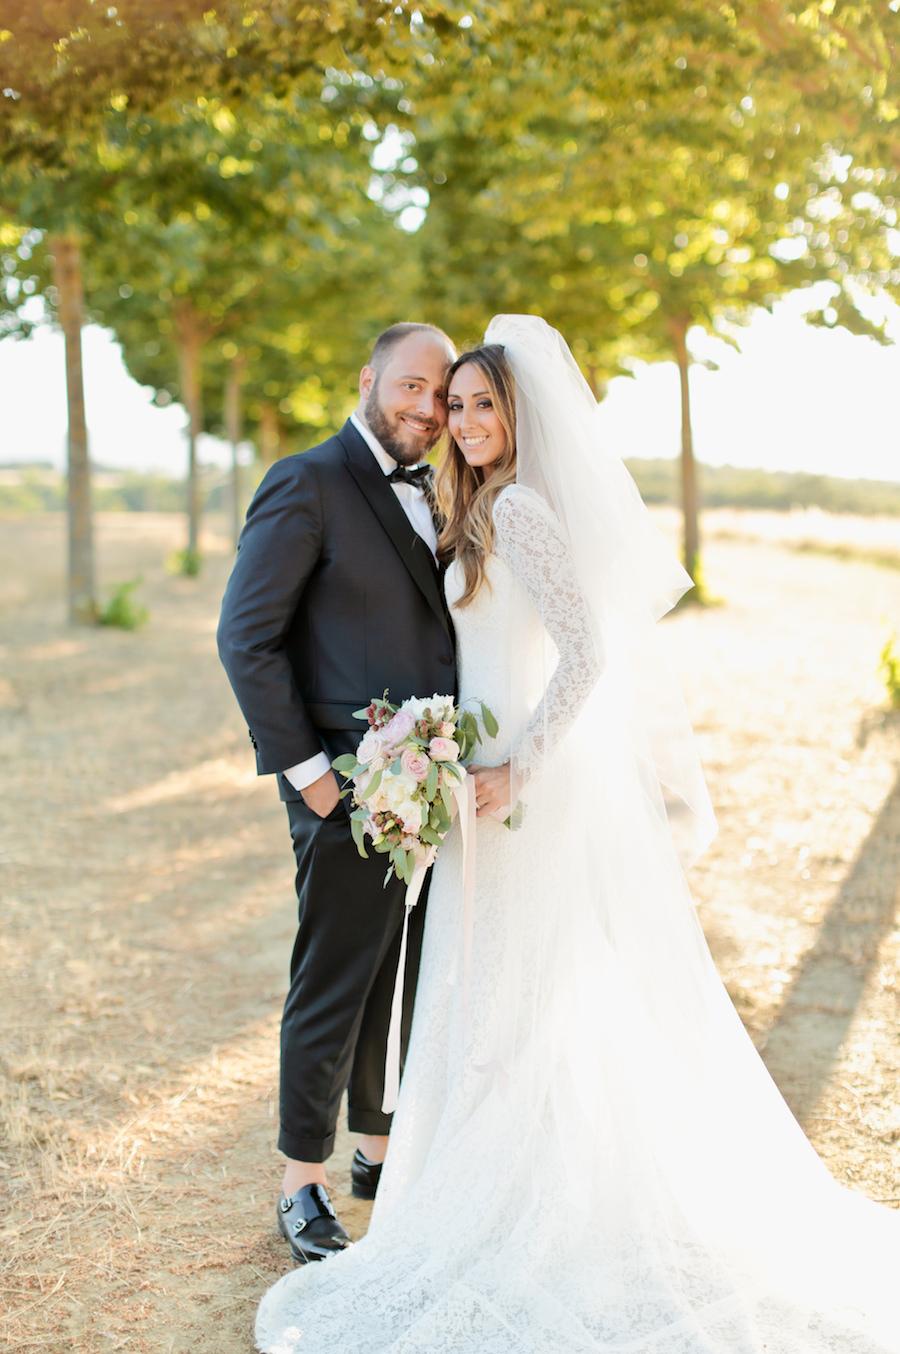 Matrimonio In Una Serra Toscana : Il matrimonio di una fashion ger in toscana wedding